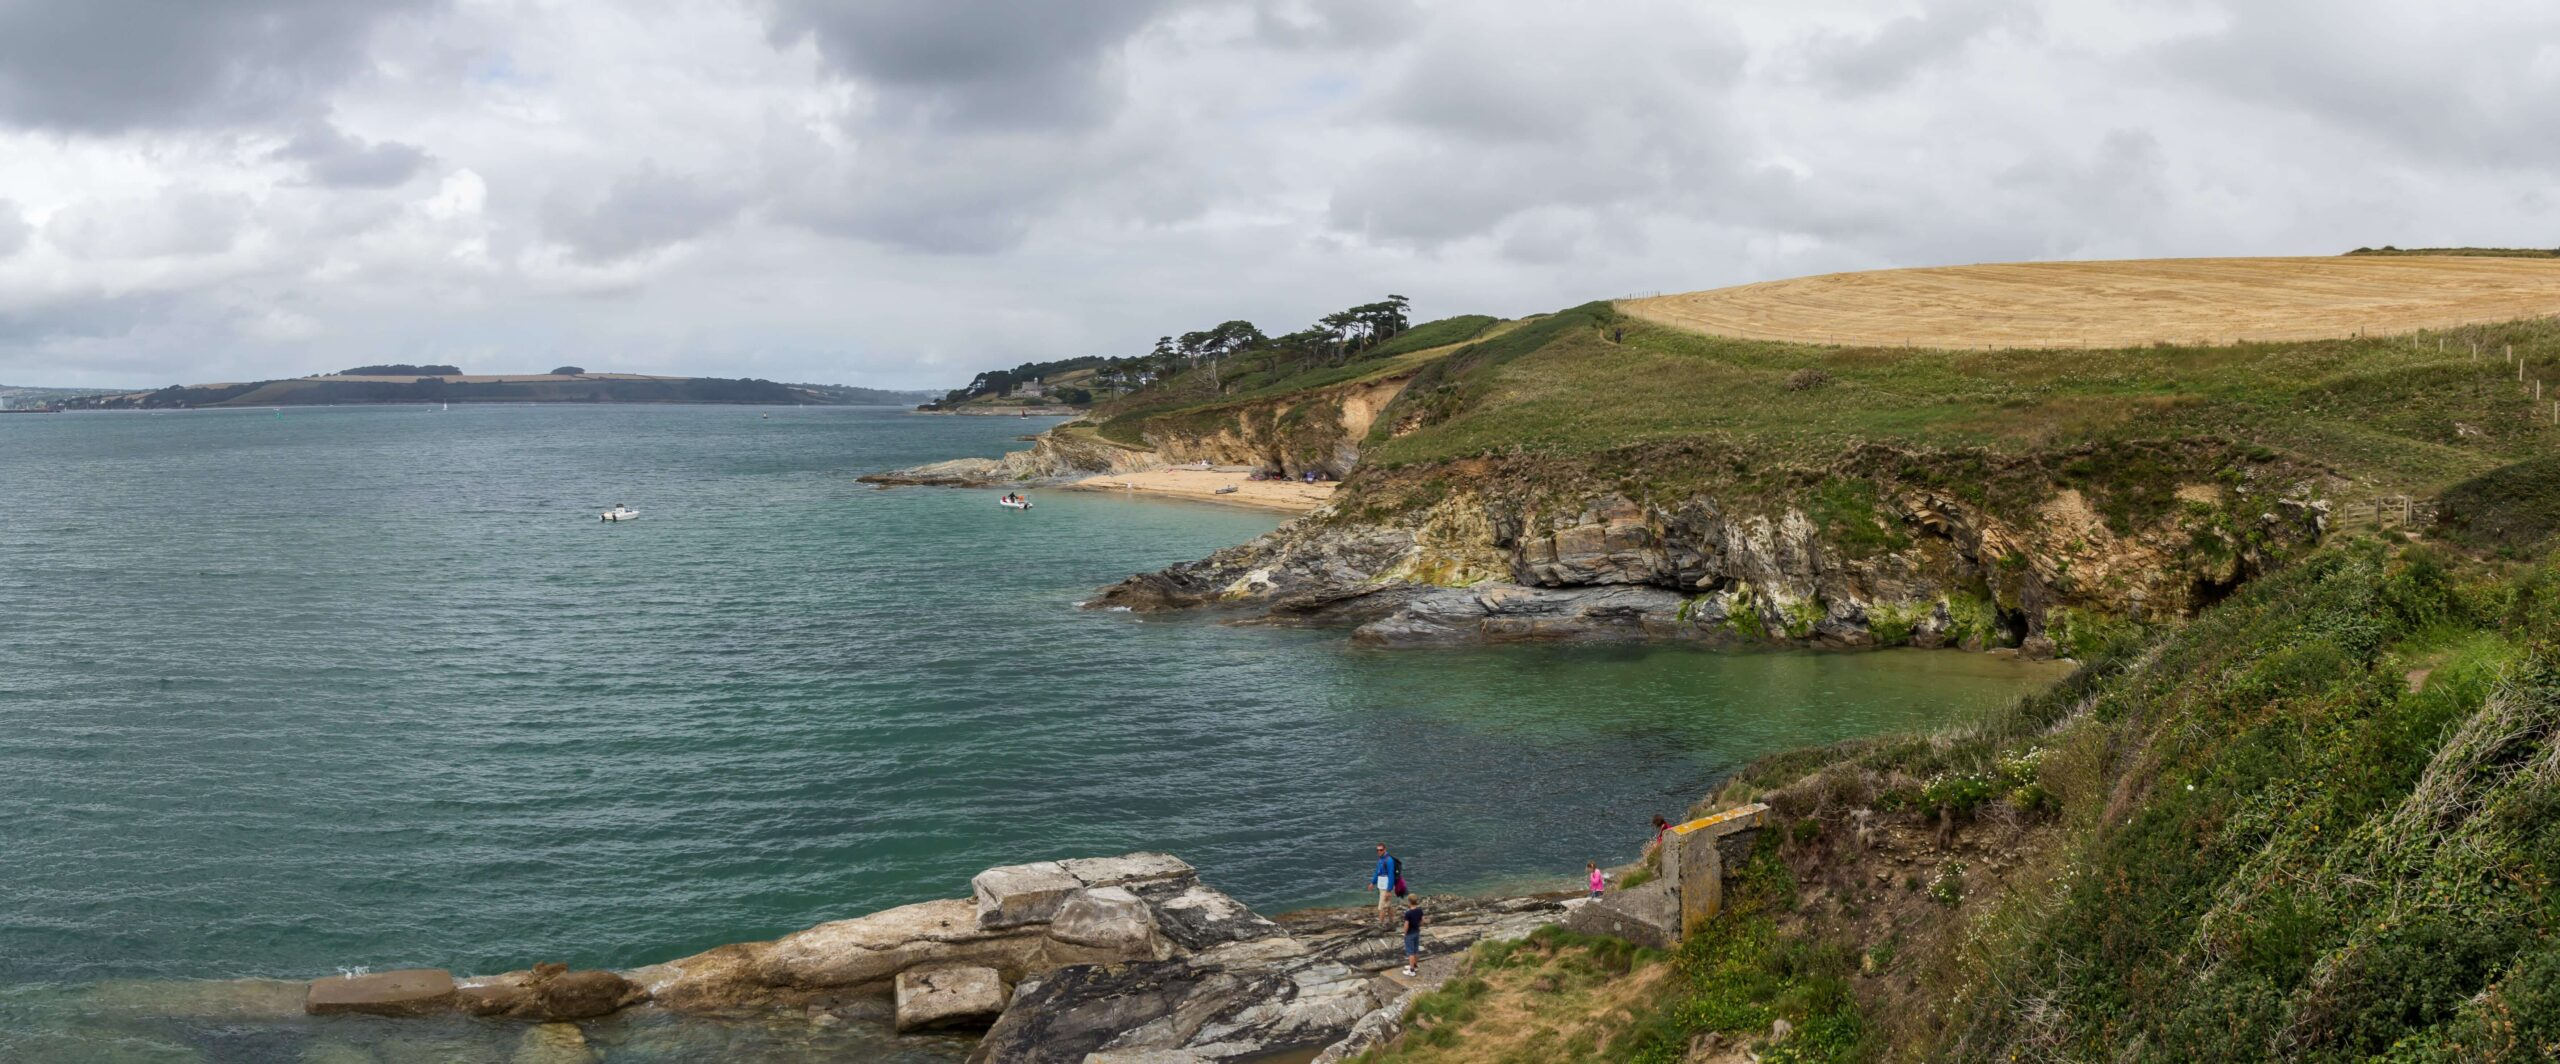 Roseland-Peninsula-St-Anthony-Head-Cornish-Motorhome-Hire-scaled